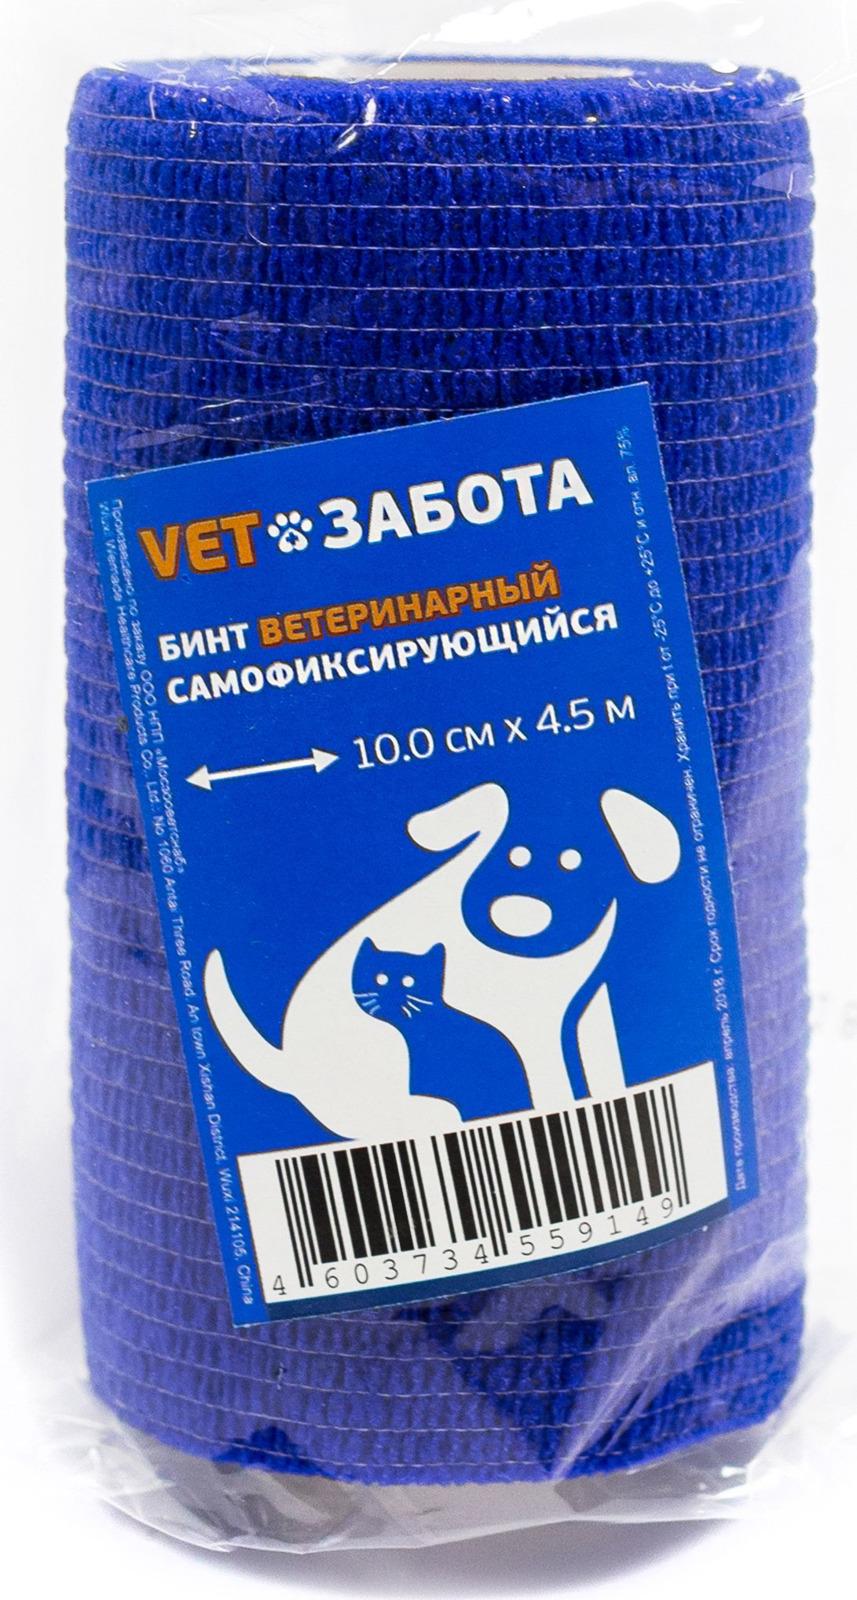 Бинт ветеринарный Vetзабота, самофиксирующийся, синий, 10 см х 4,5 м peha haft бинт 4мх10 см белый без латекса самофиксирующийся